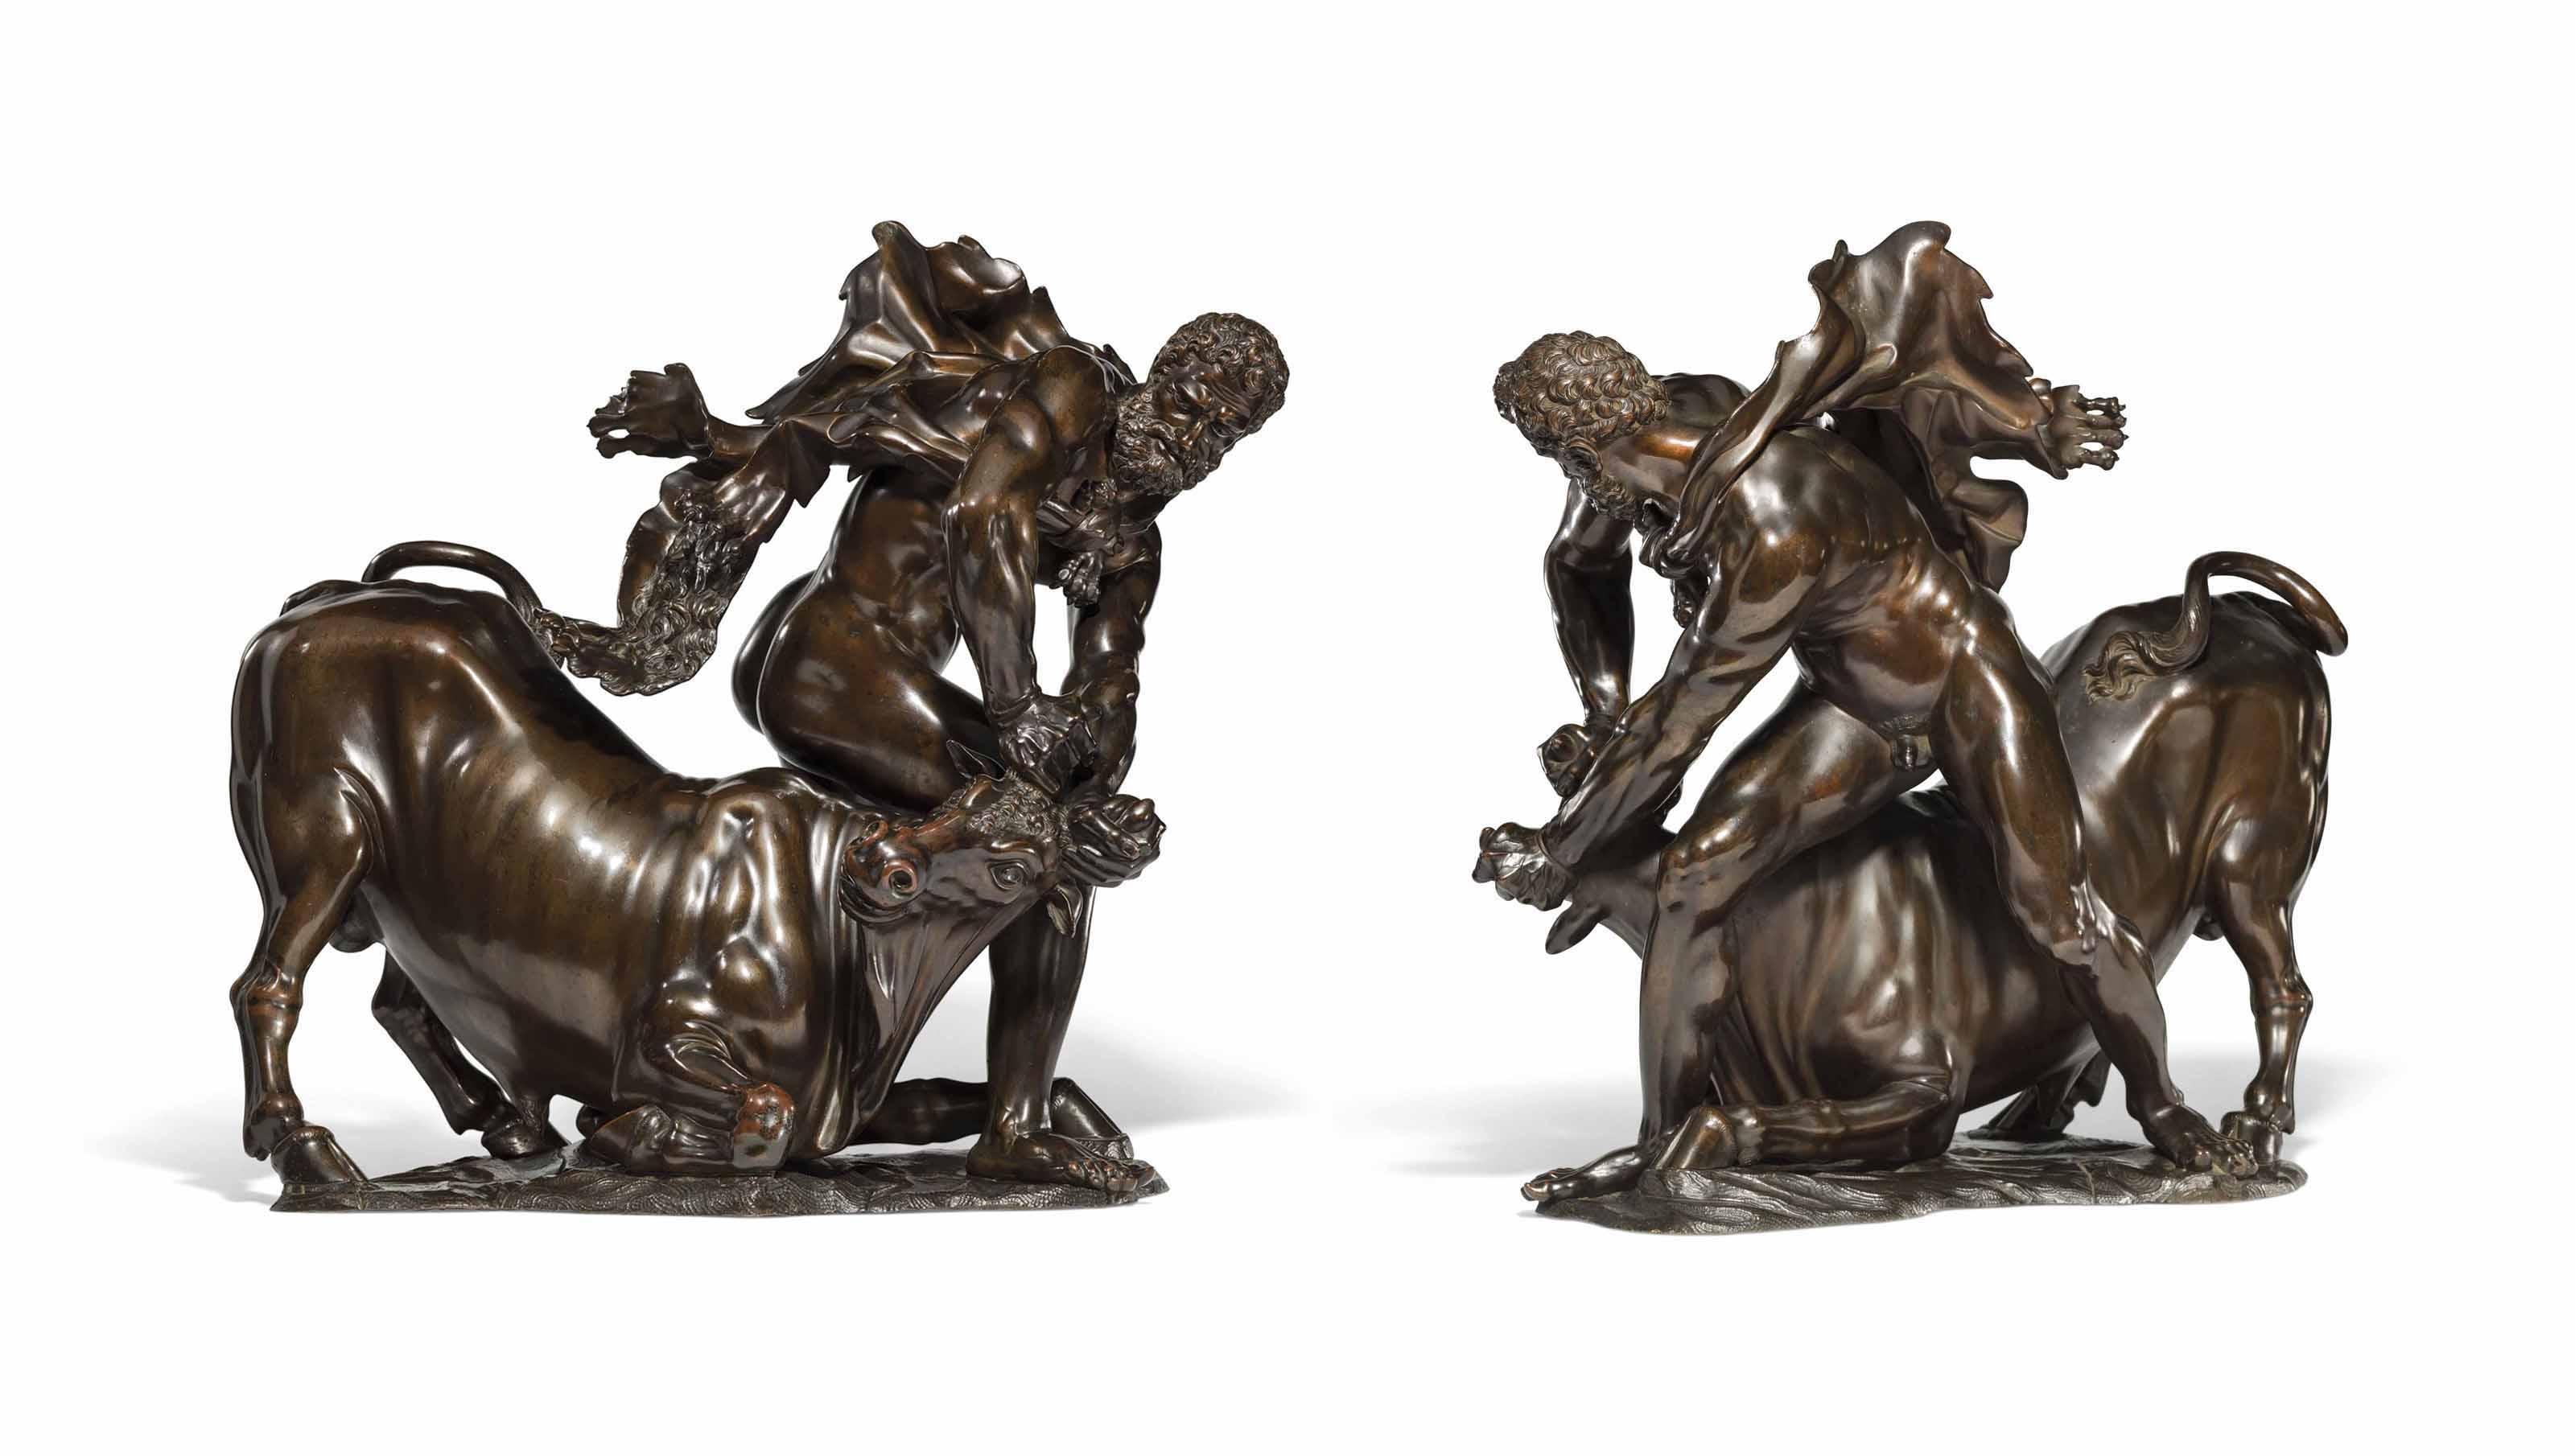 FERDINANDO TACCA (1619-1686), FLORENCE, CIRCA 1640-50